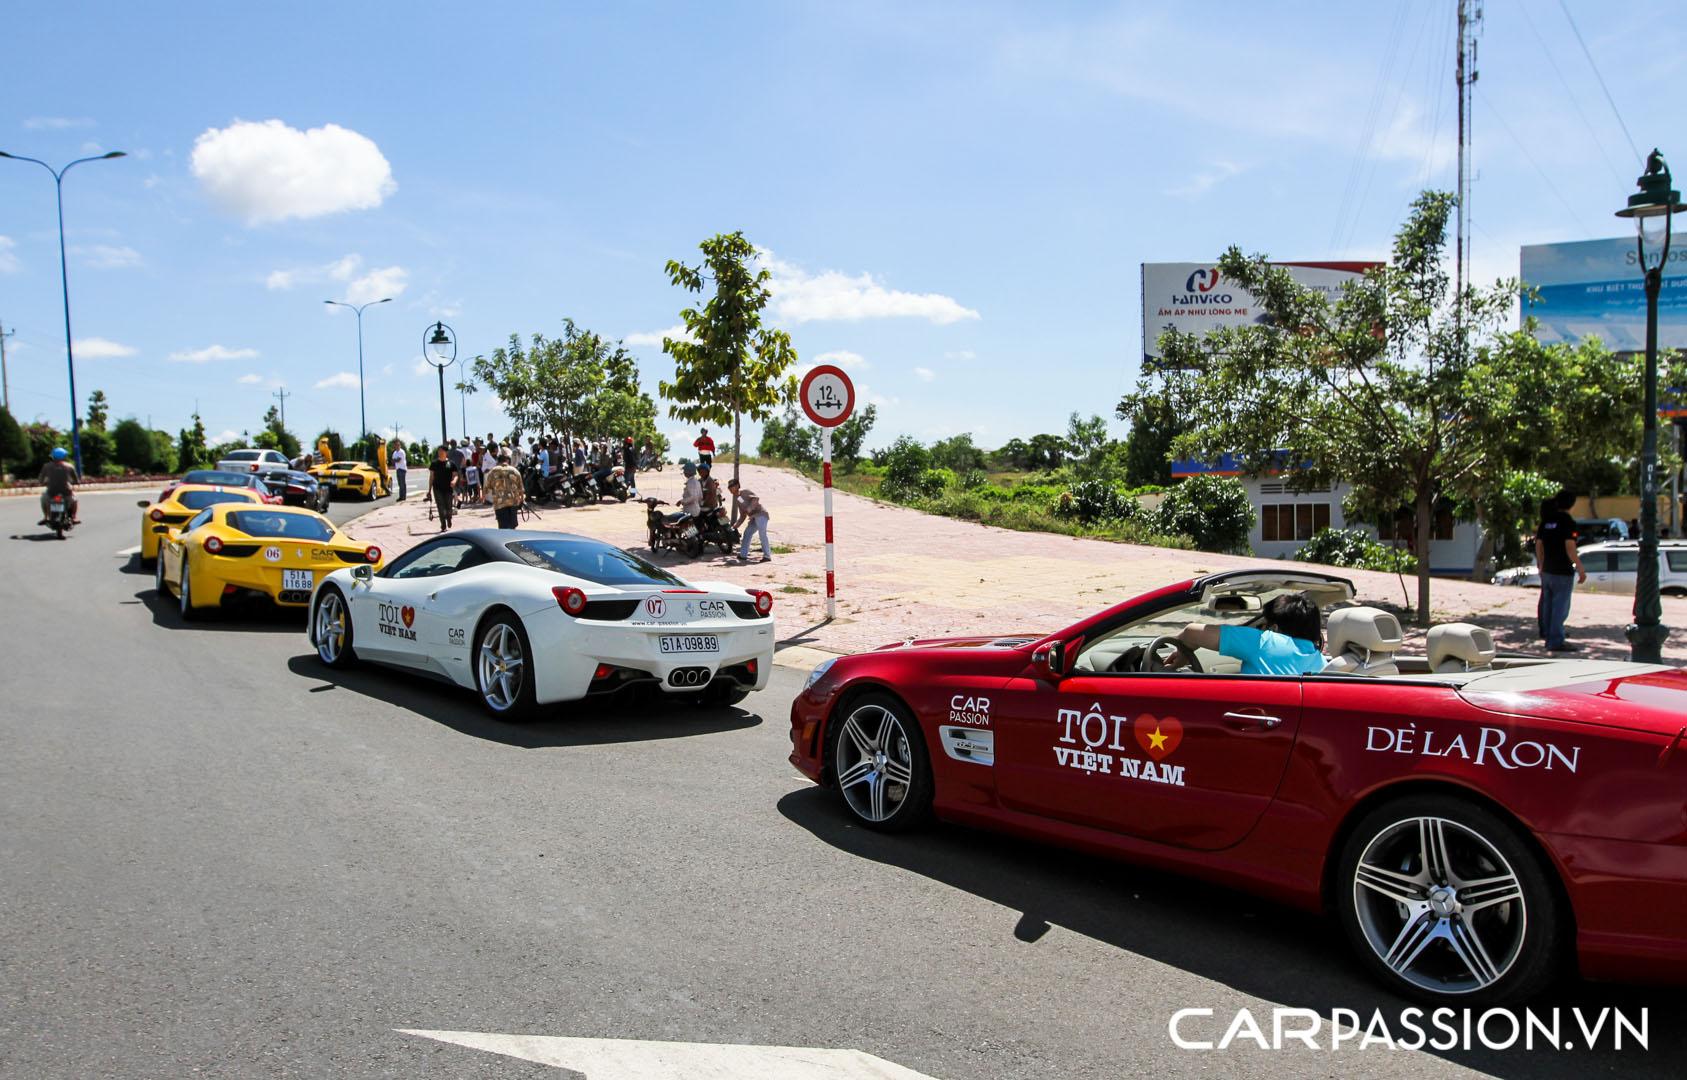 CP-Hành trình siêu xe CarPassion 2011 Day 2 (89).jpg